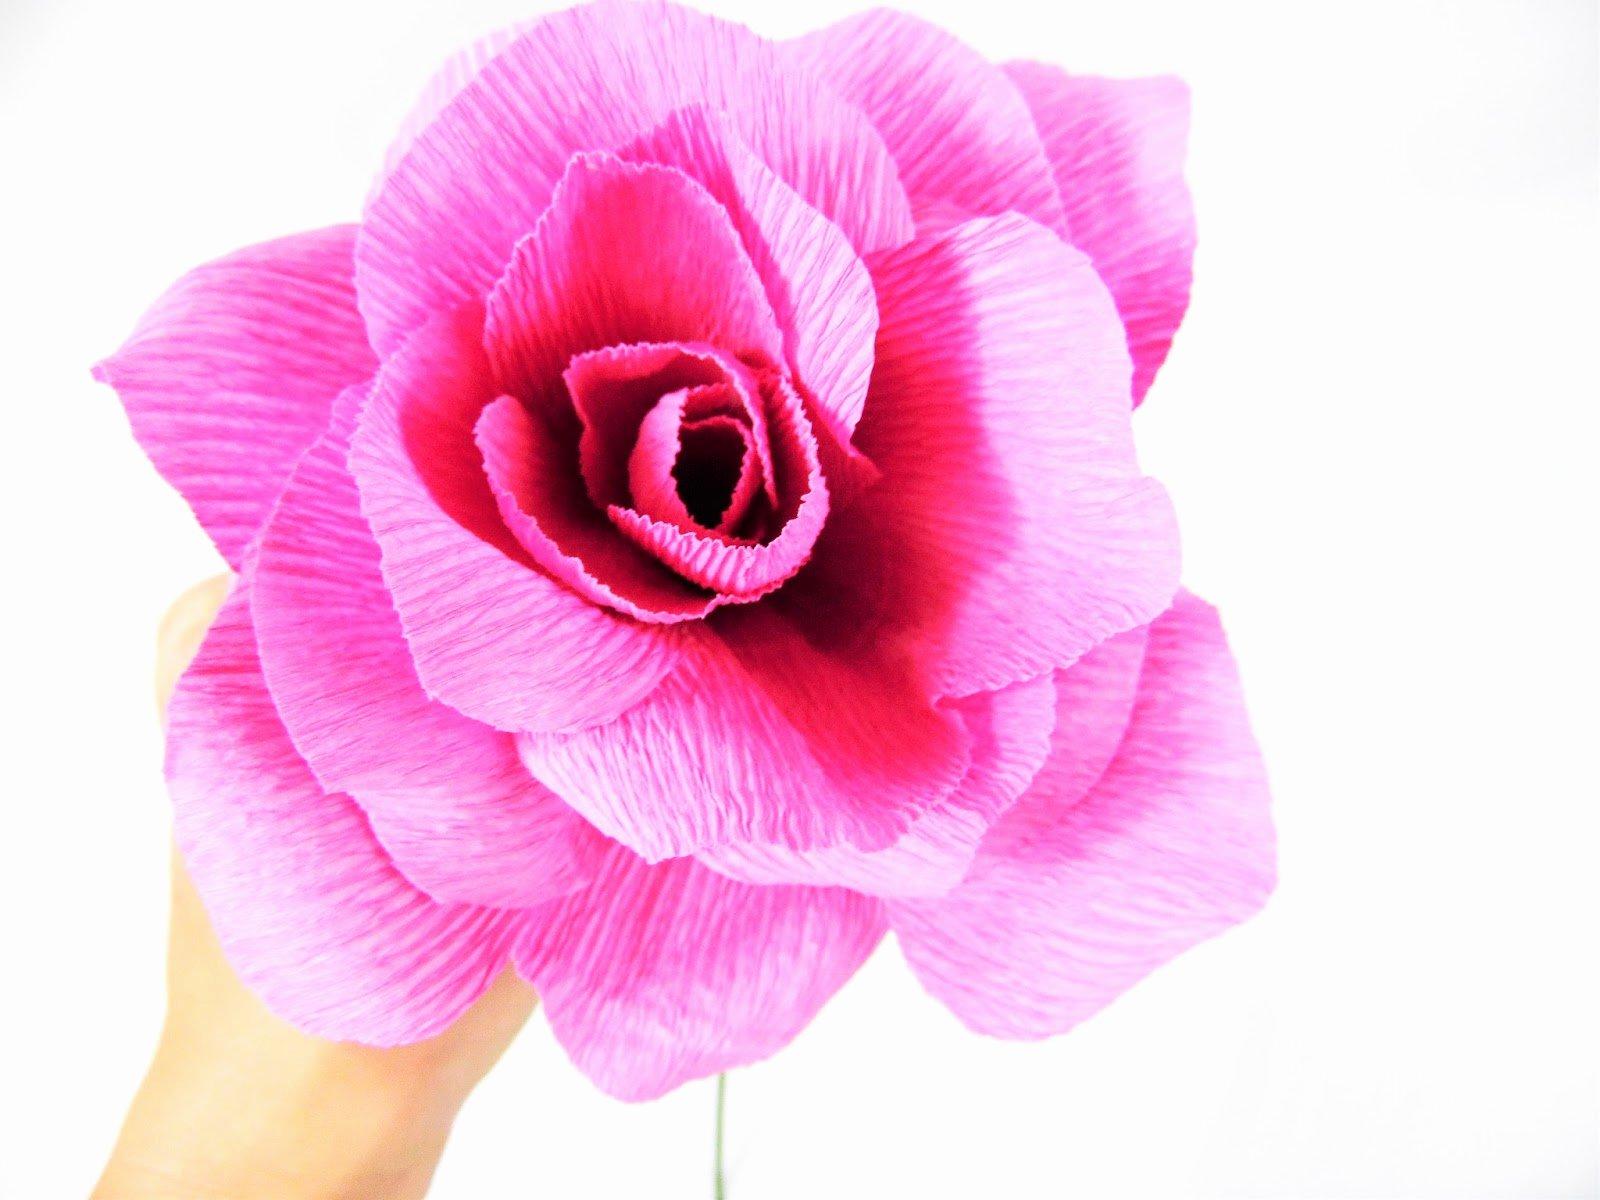 Rose Petal Template Beautiful Rose Petal Printable Templates Abbi Kirsten Collections